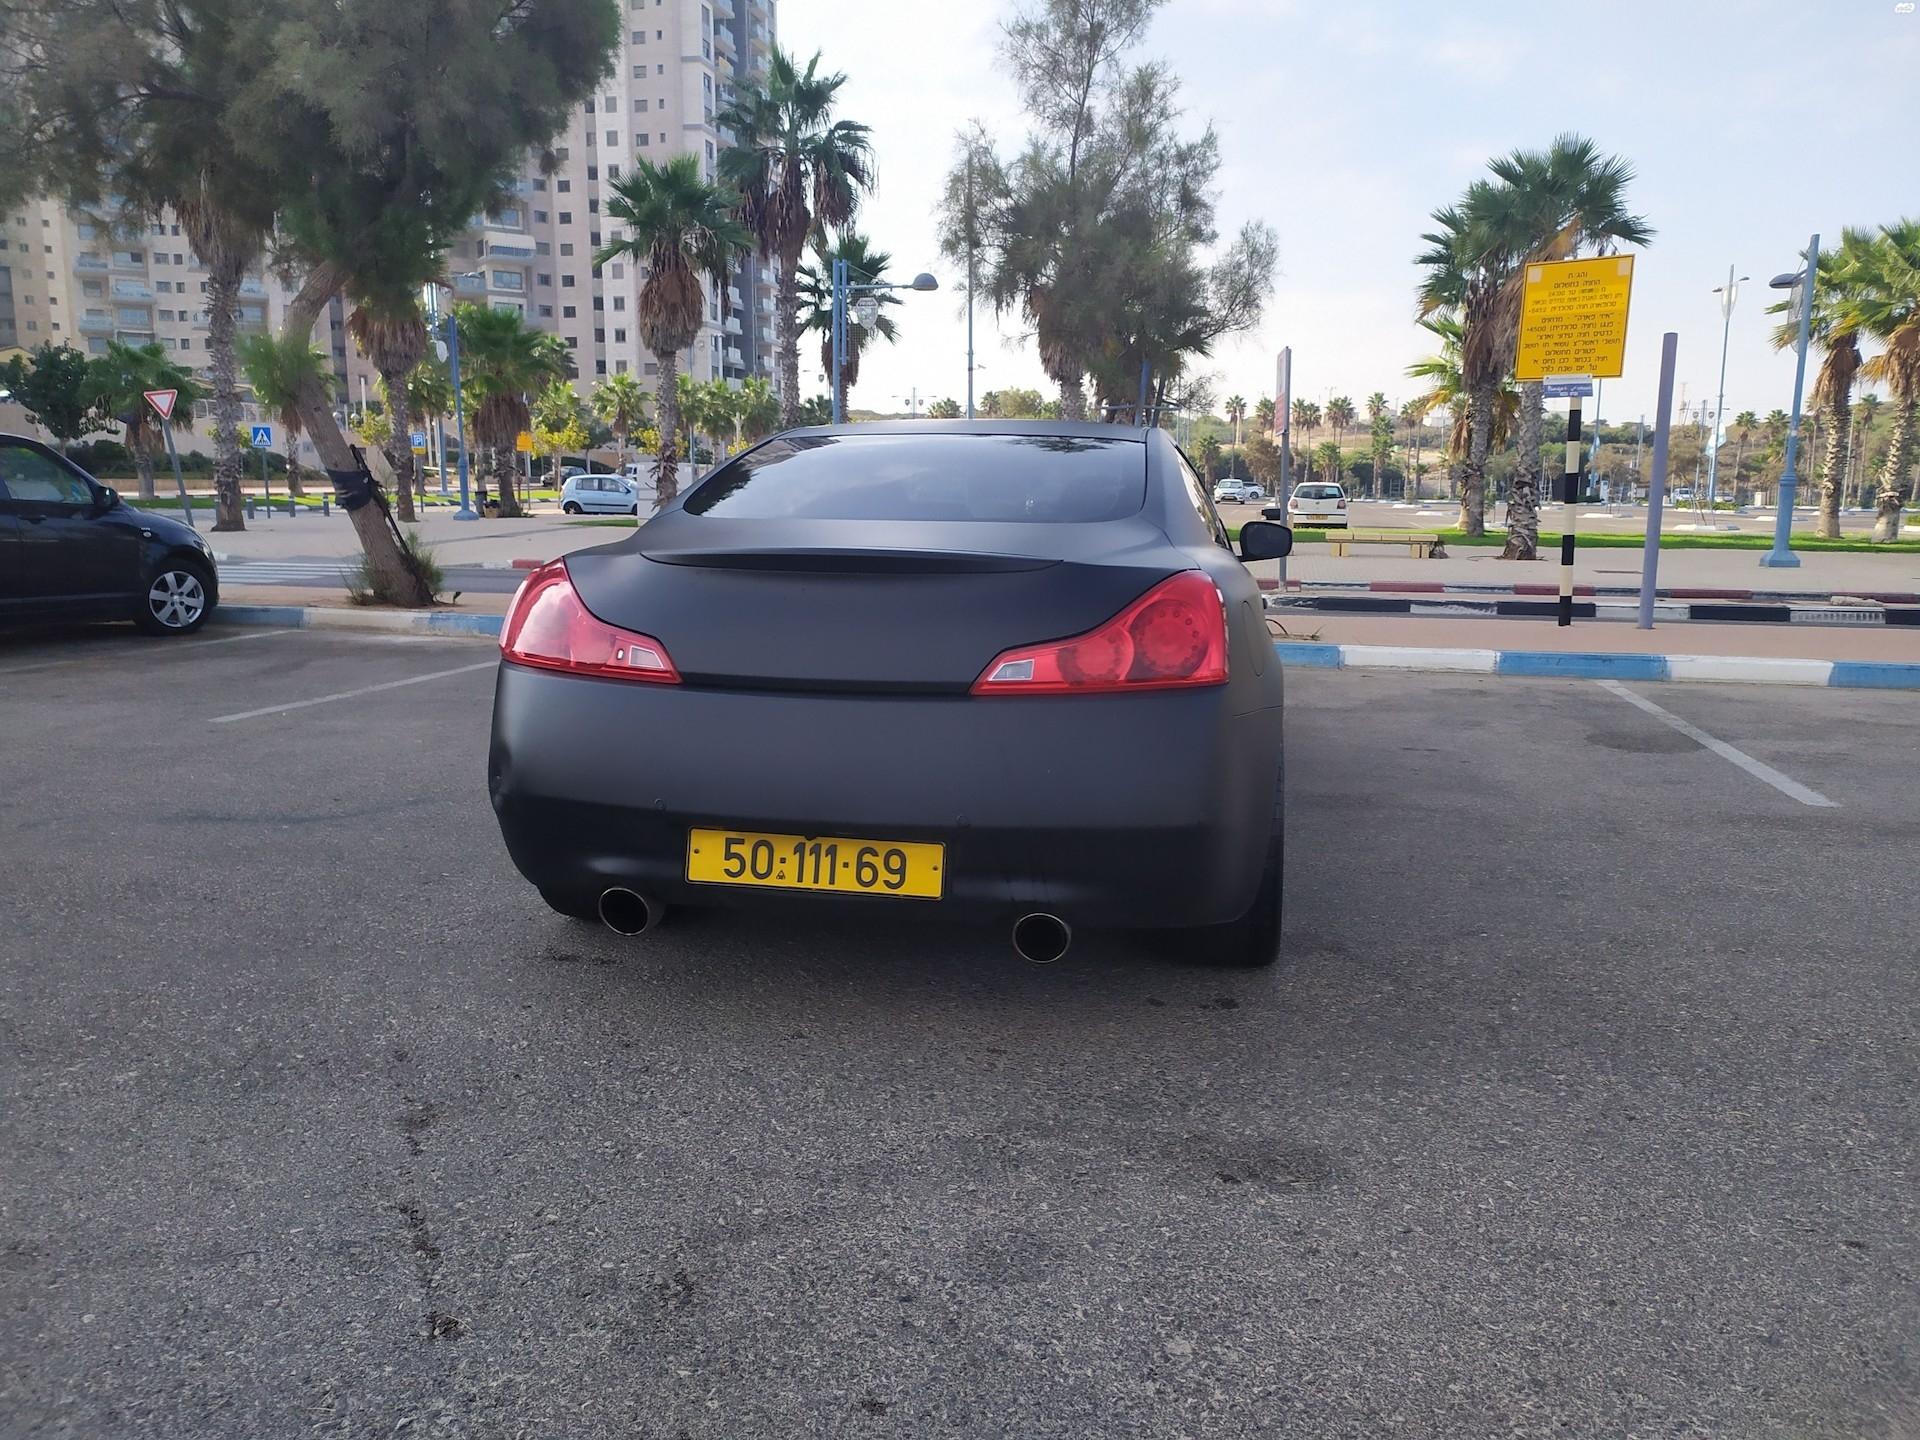 ניסאן INFINITI G37 GT שנת ייצור 2009  5011169